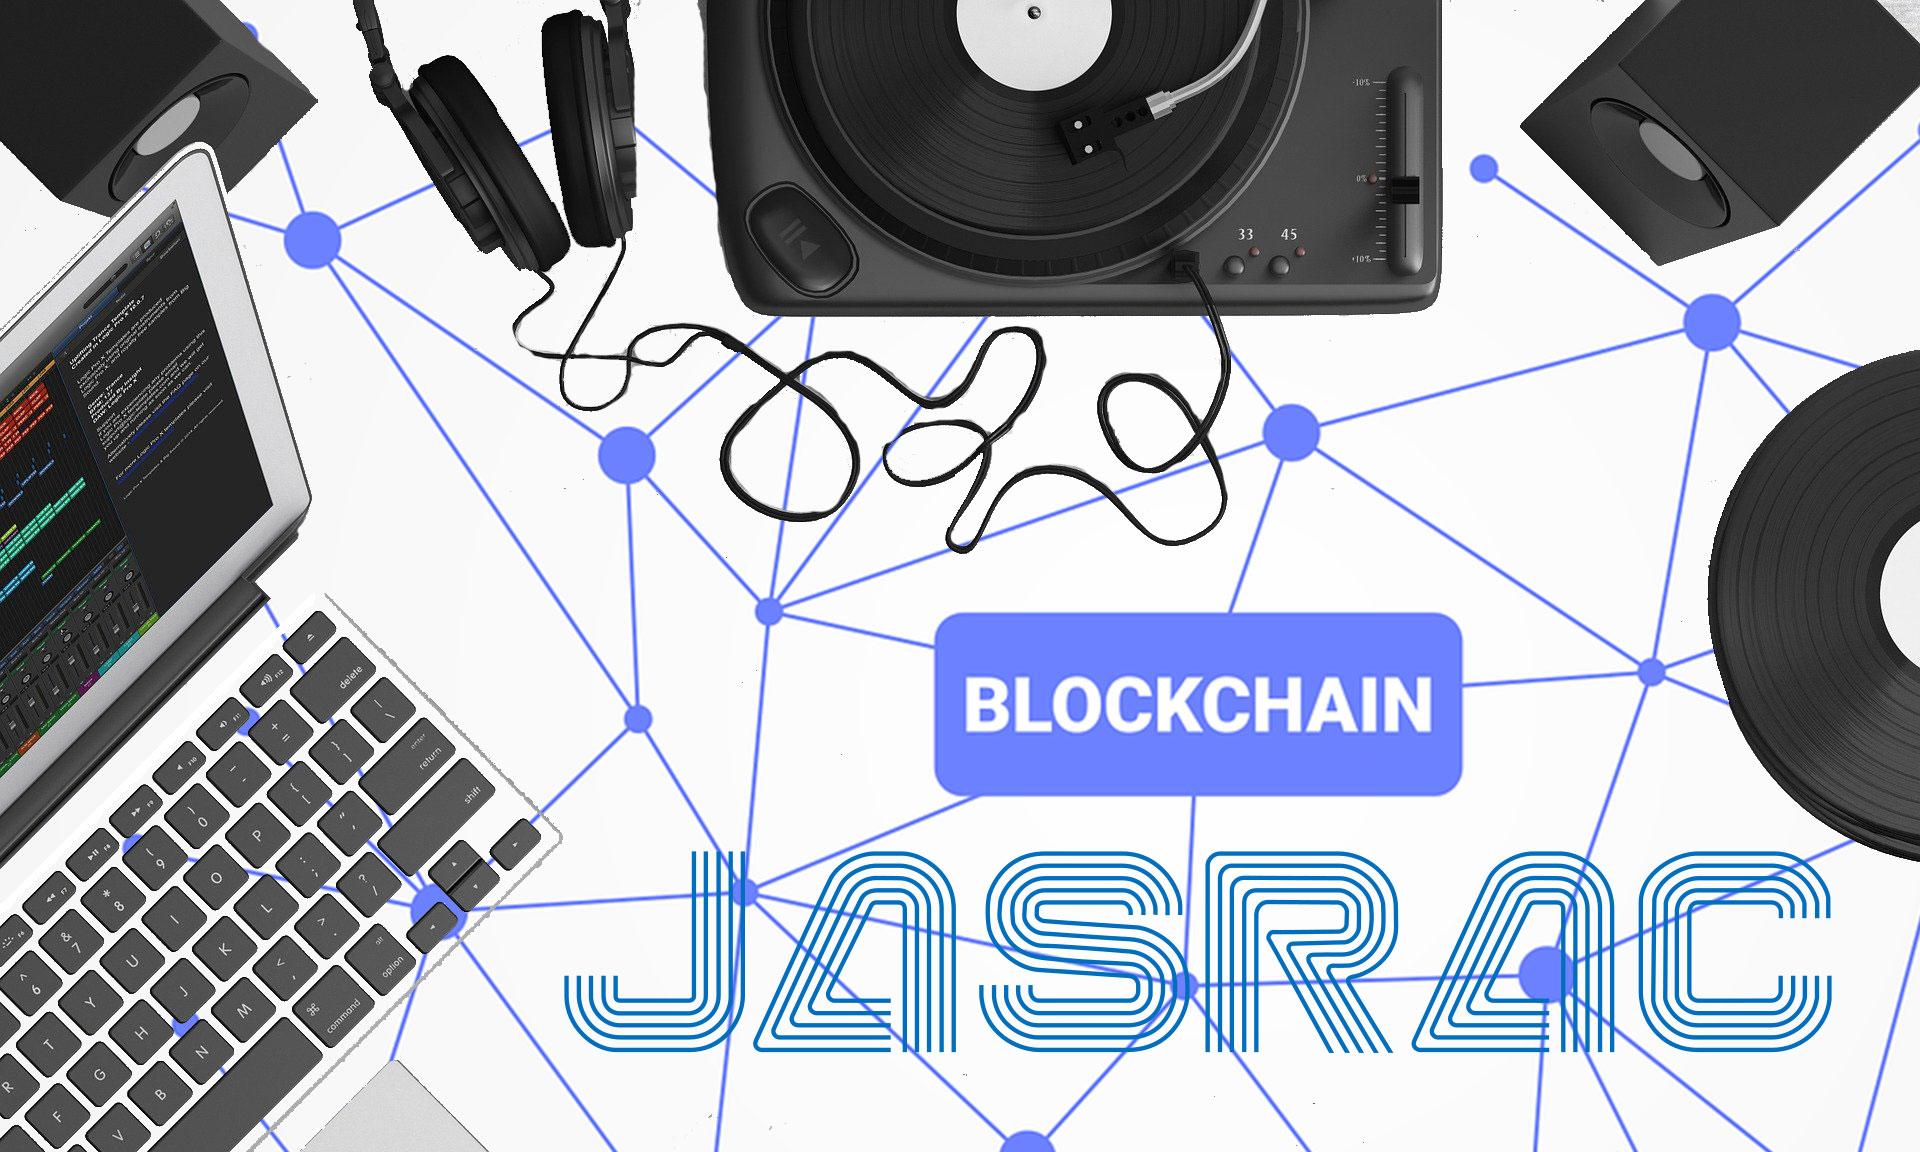 JASRACがブロックチェーンを活用した音楽作品管理の実証実験